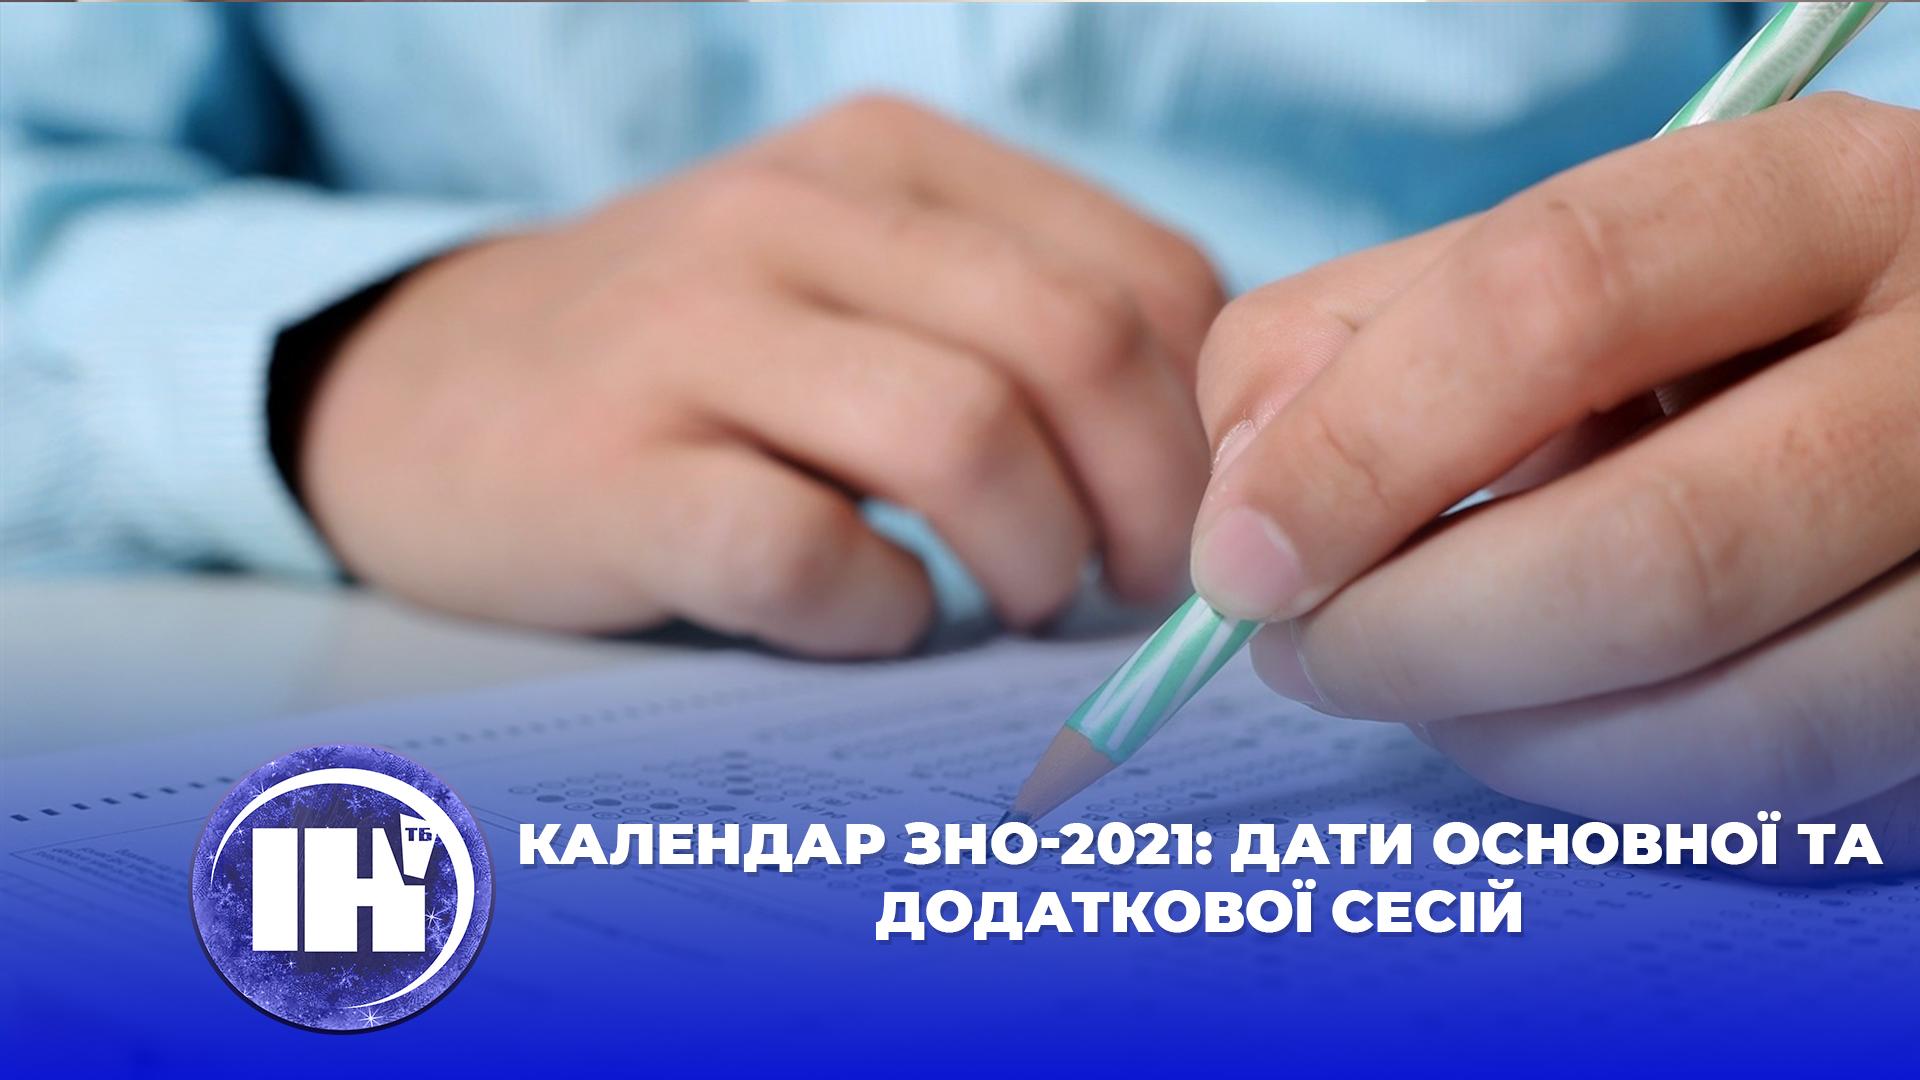 Календар ЗНО-2021: дати основної та додаткової сесій